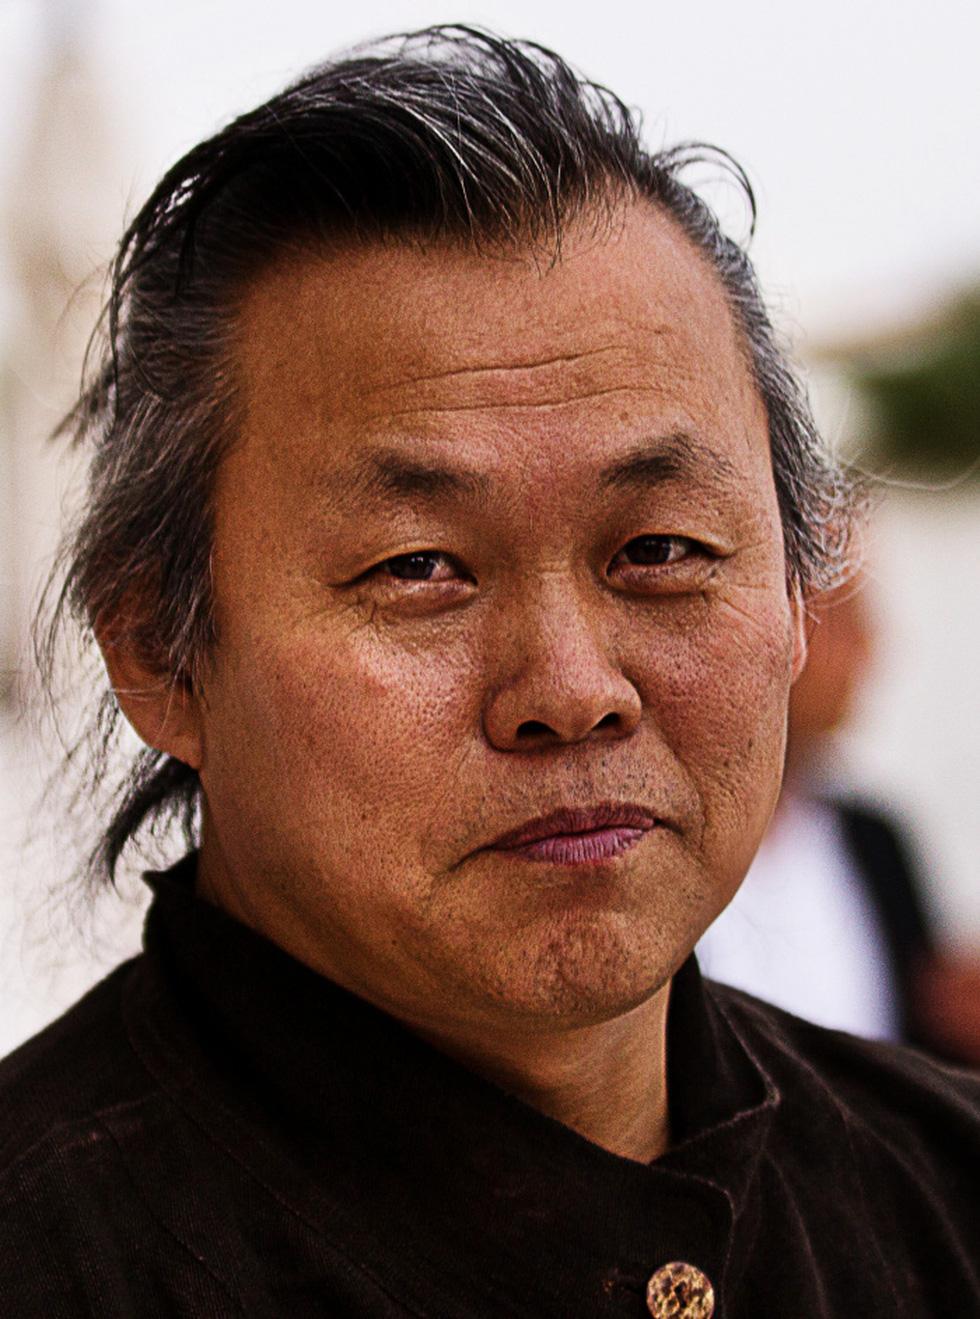 Đàn ông Hàn dữ dội trong điện ảnh: Hình tượng người cha và vị thế quốc gia - Ảnh 5.